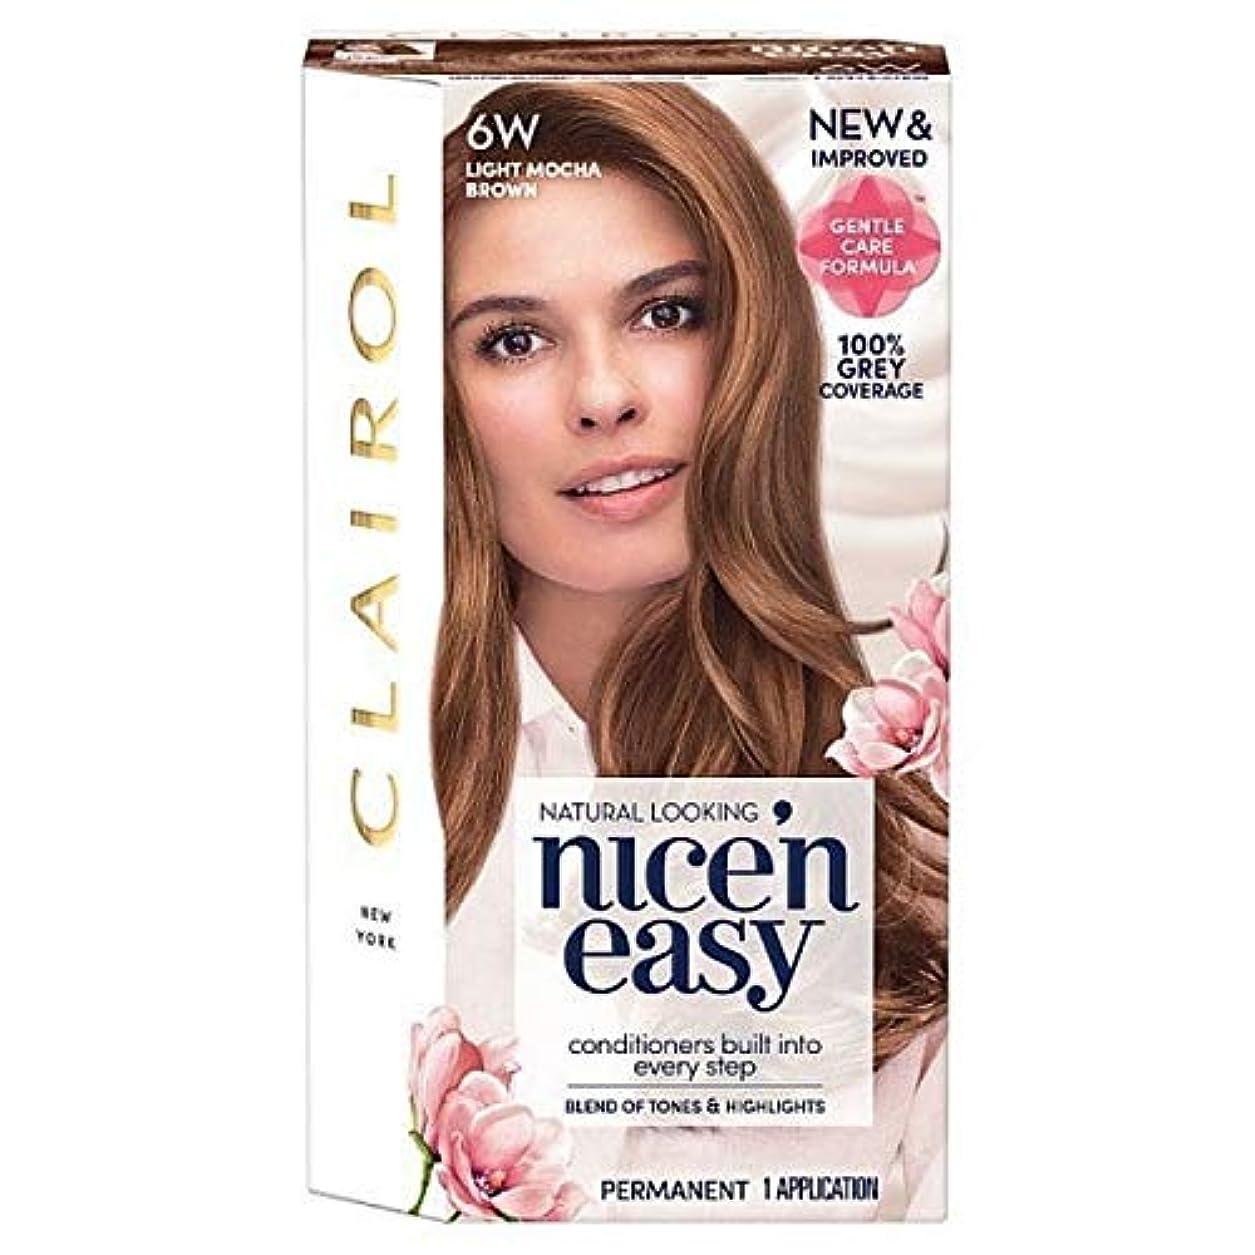 退屈な開発配管工[Nice'n Easy] Nice'N簡単に6ワットライトモカブラウン - Nice'n Easy 6W Light Mocha Brown [並行輸入品]